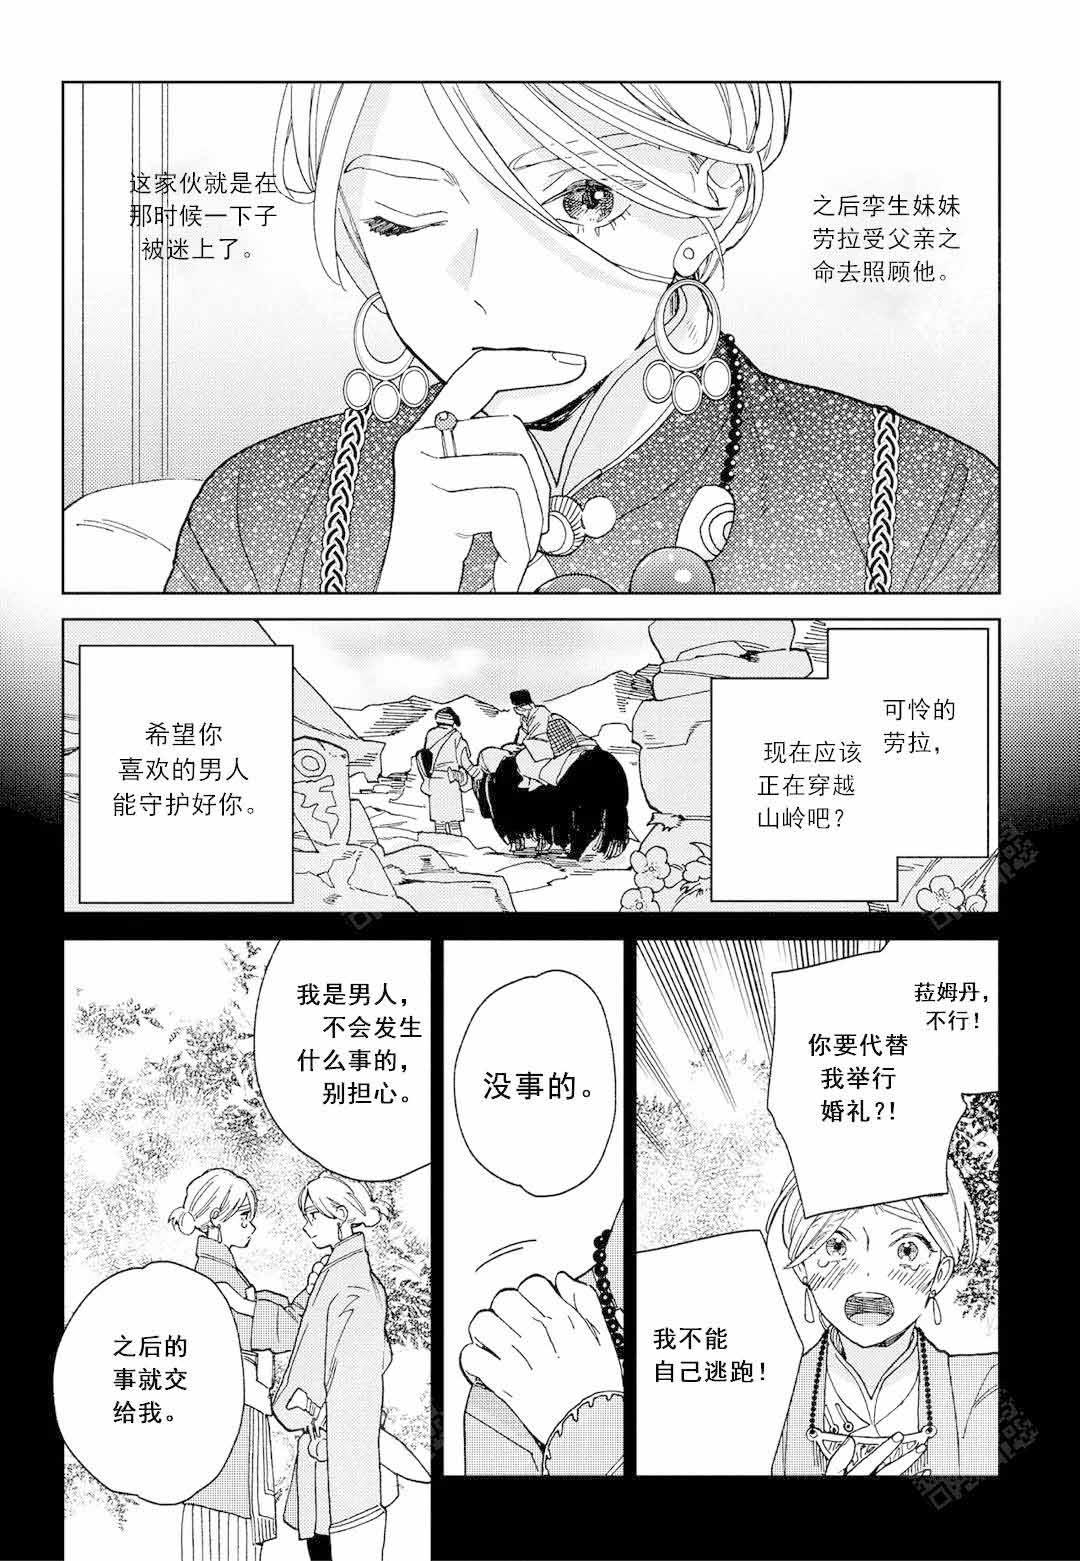 劳拉的婚礼-免费漫画全集汉化 完整版在线阅读-啵乐漫画